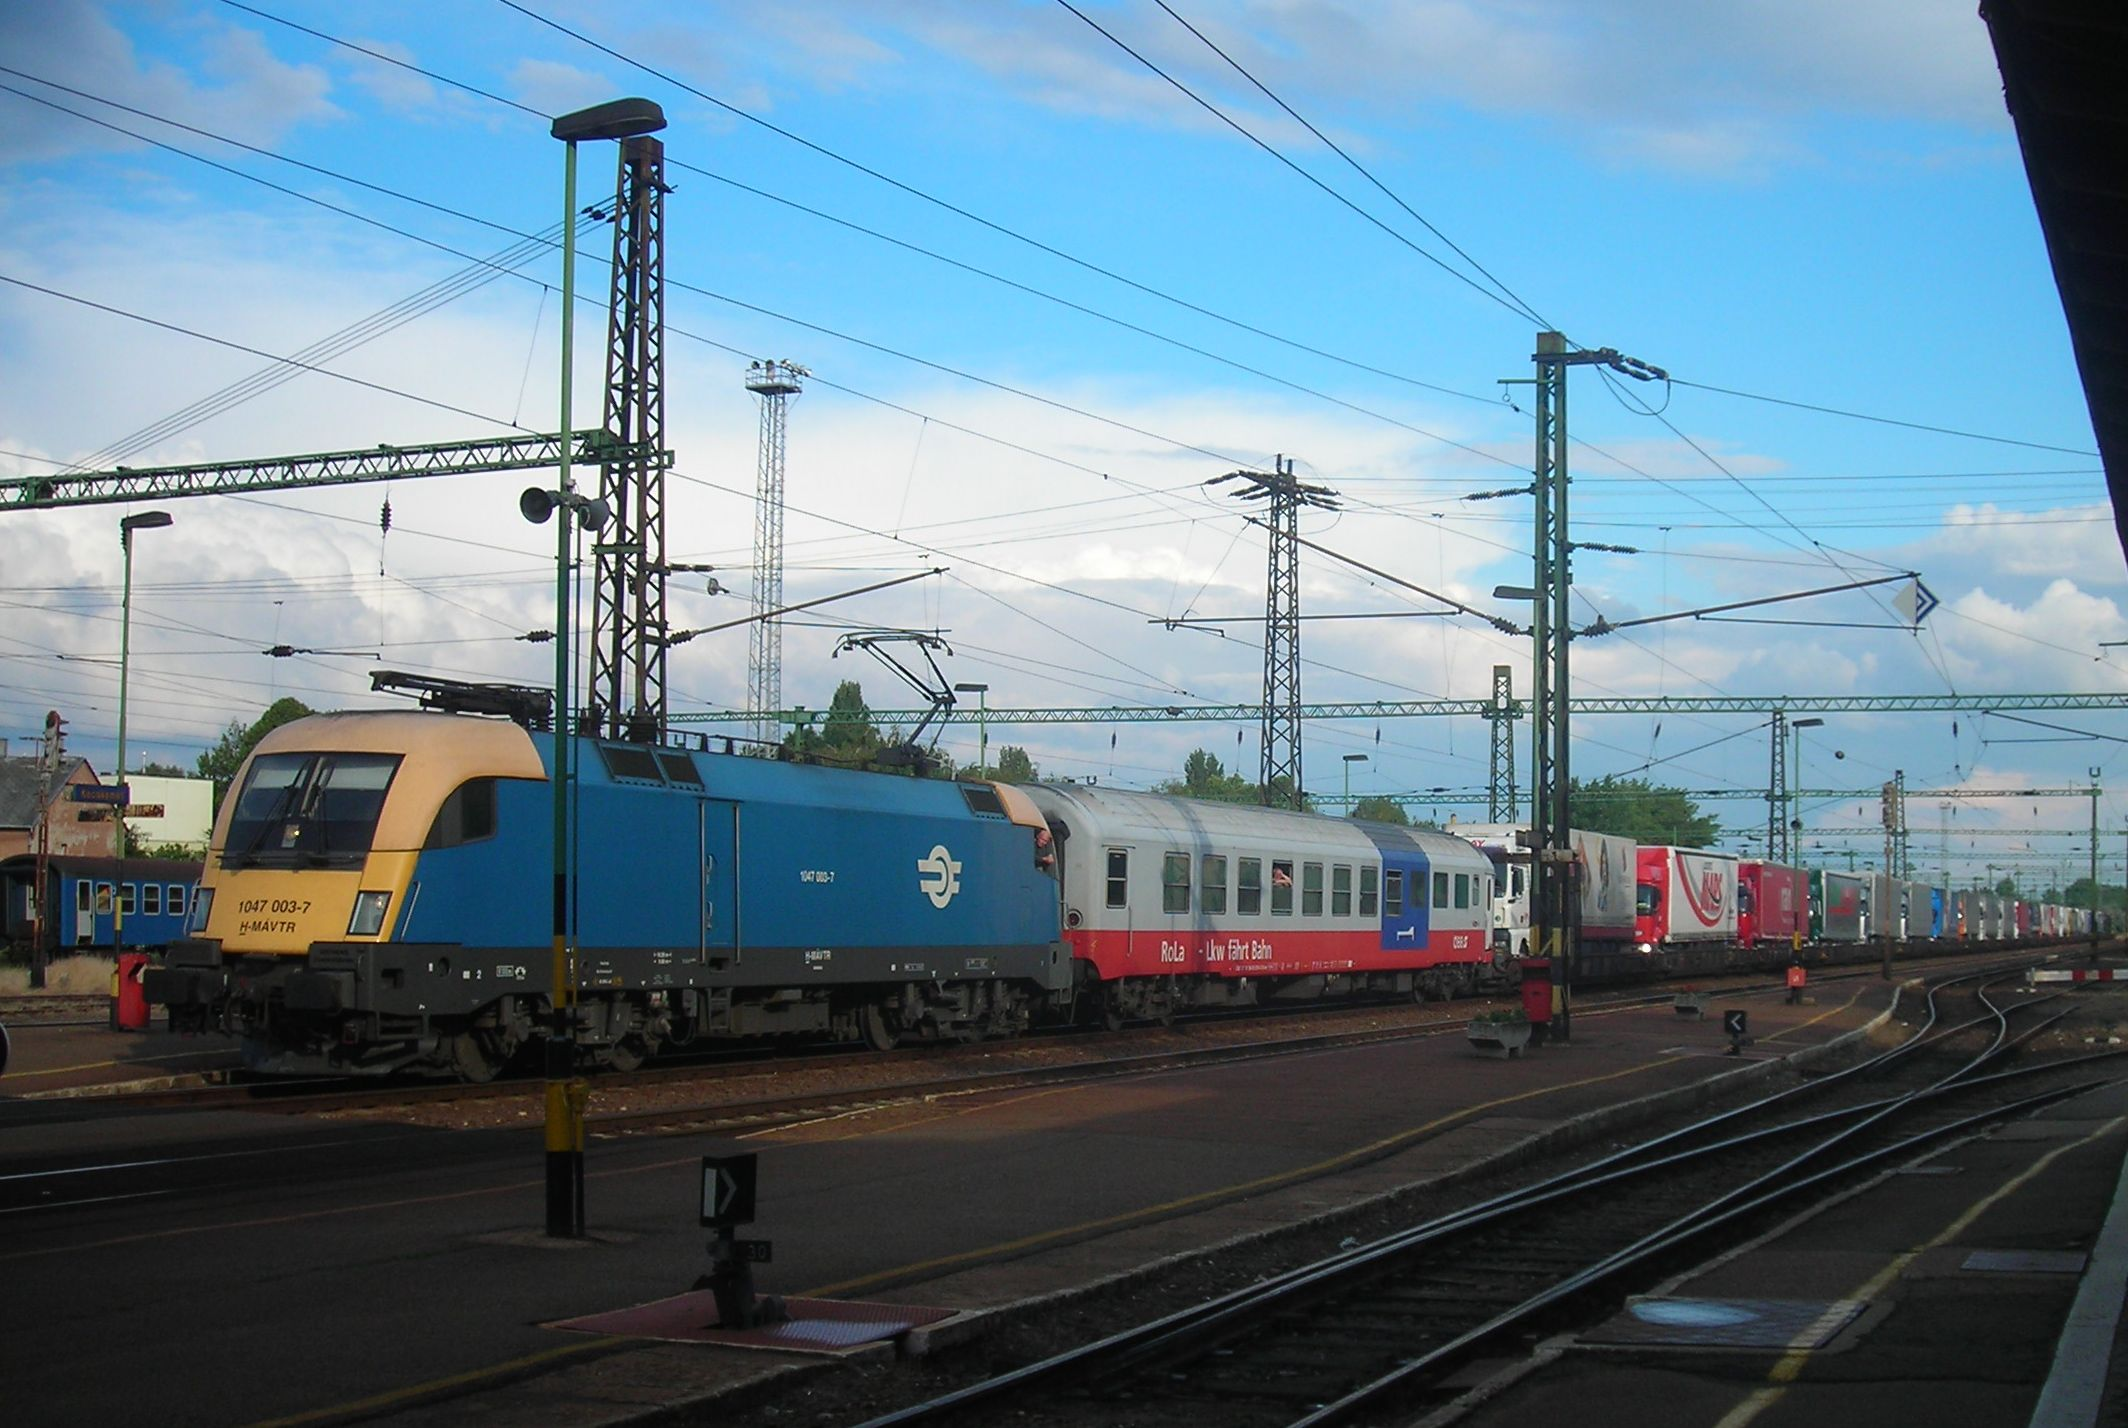 Rola vonat, Kecskemét állomás, MÁV 1047, taurus, kombinált szállítás